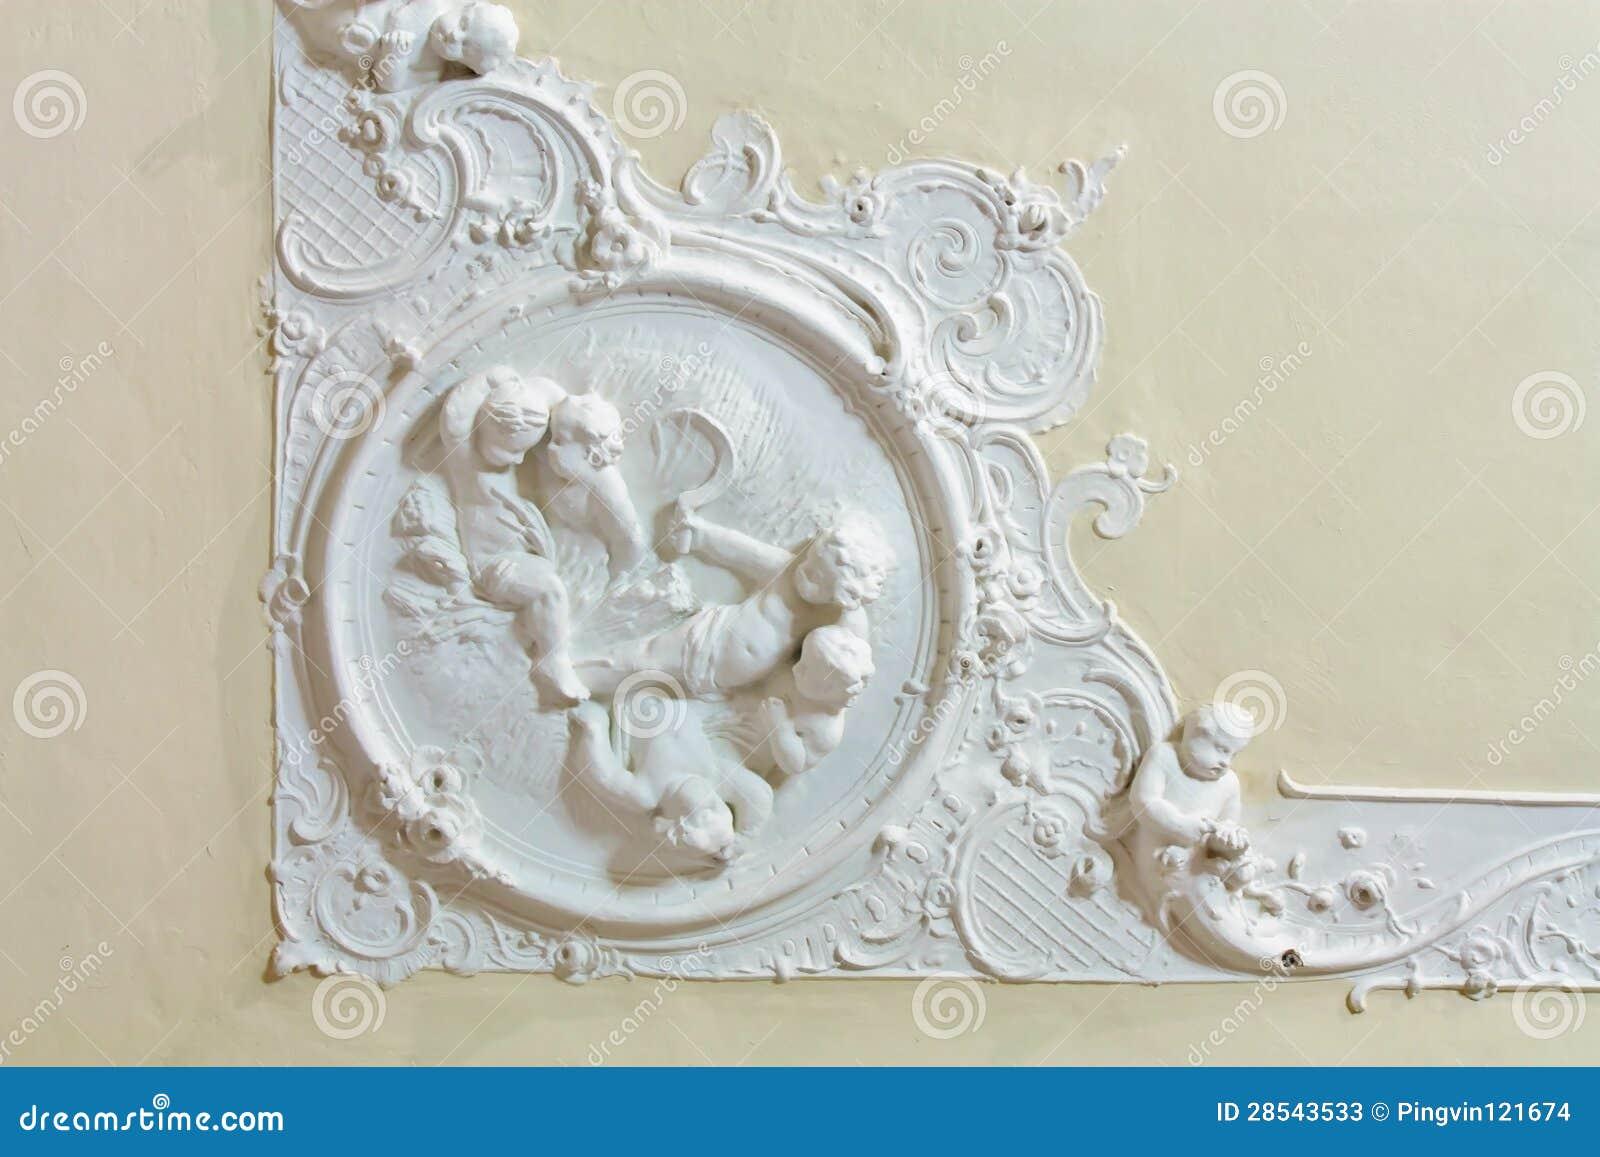 stuck auf der decke des historischen geb udes stockbild bild von pfosten decke 28543533. Black Bedroom Furniture Sets. Home Design Ideas